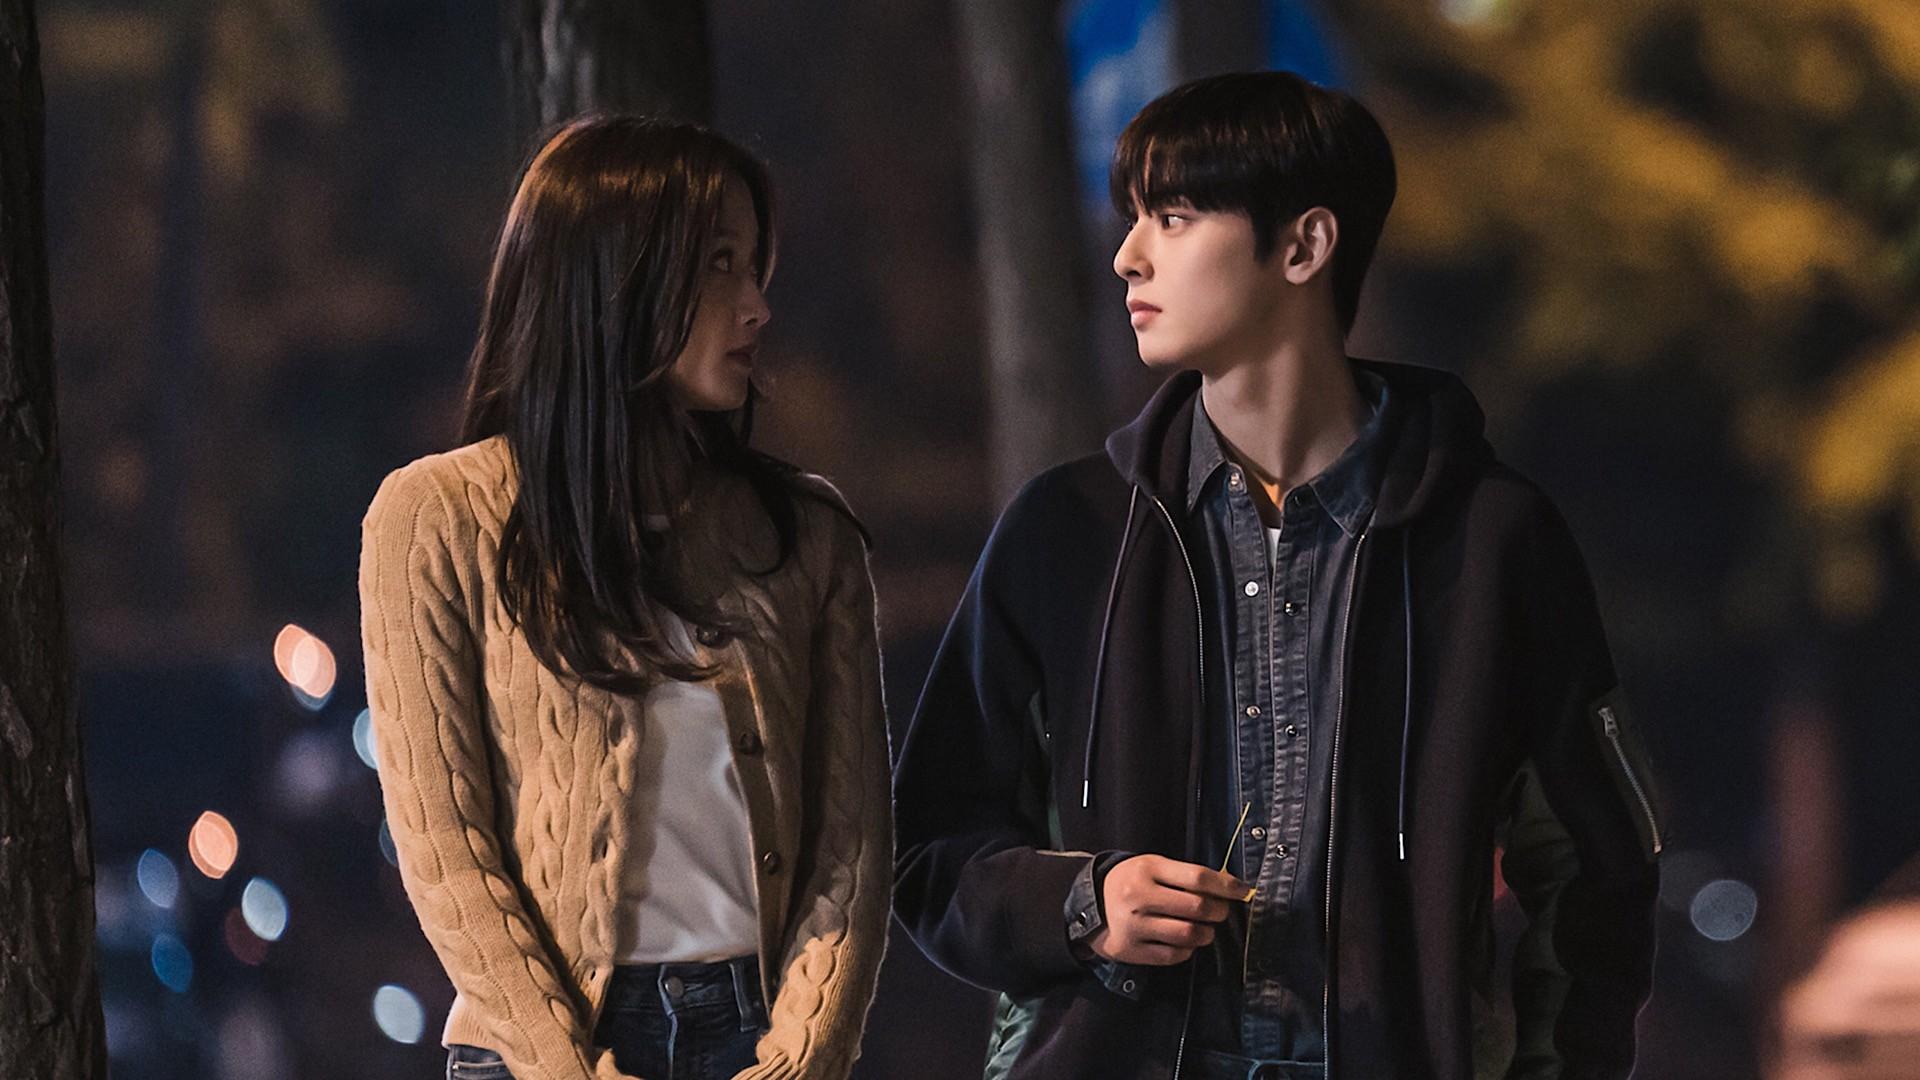 True Beauty- The hot Korean Drama